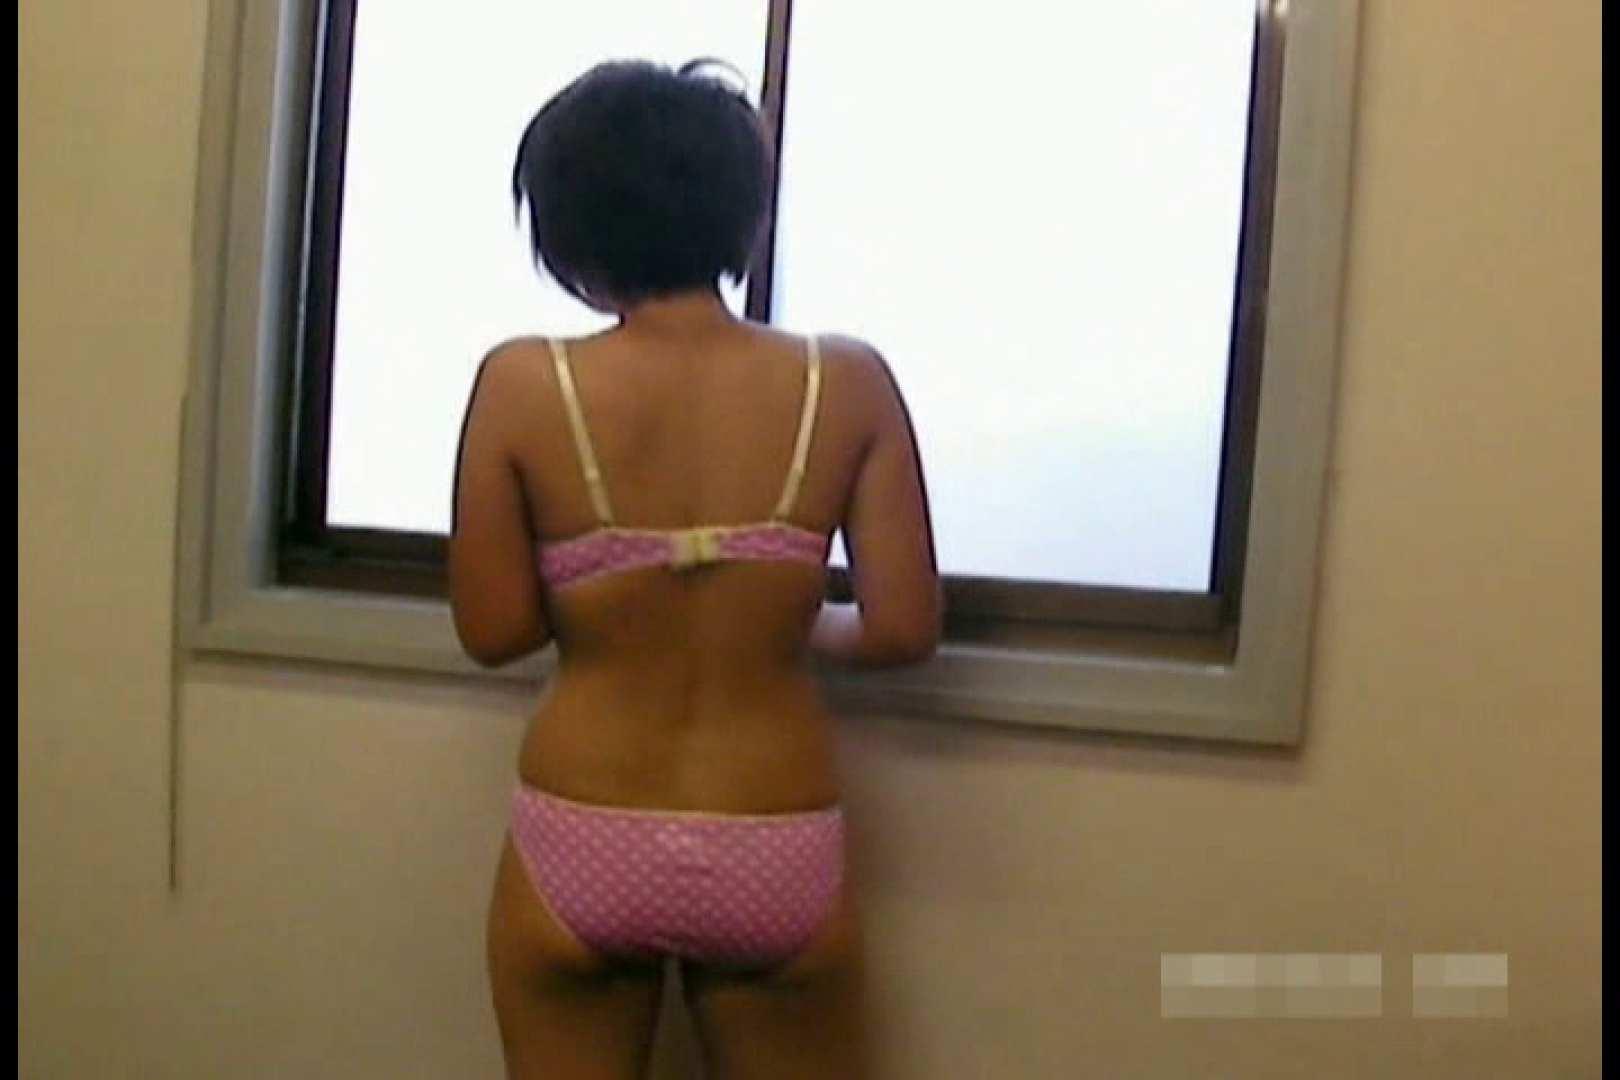 素人撮影 下着だけの撮影のはずが・・・エミちゃん18歳 マンコ・ムレムレ   素人丸裸  90pic 73